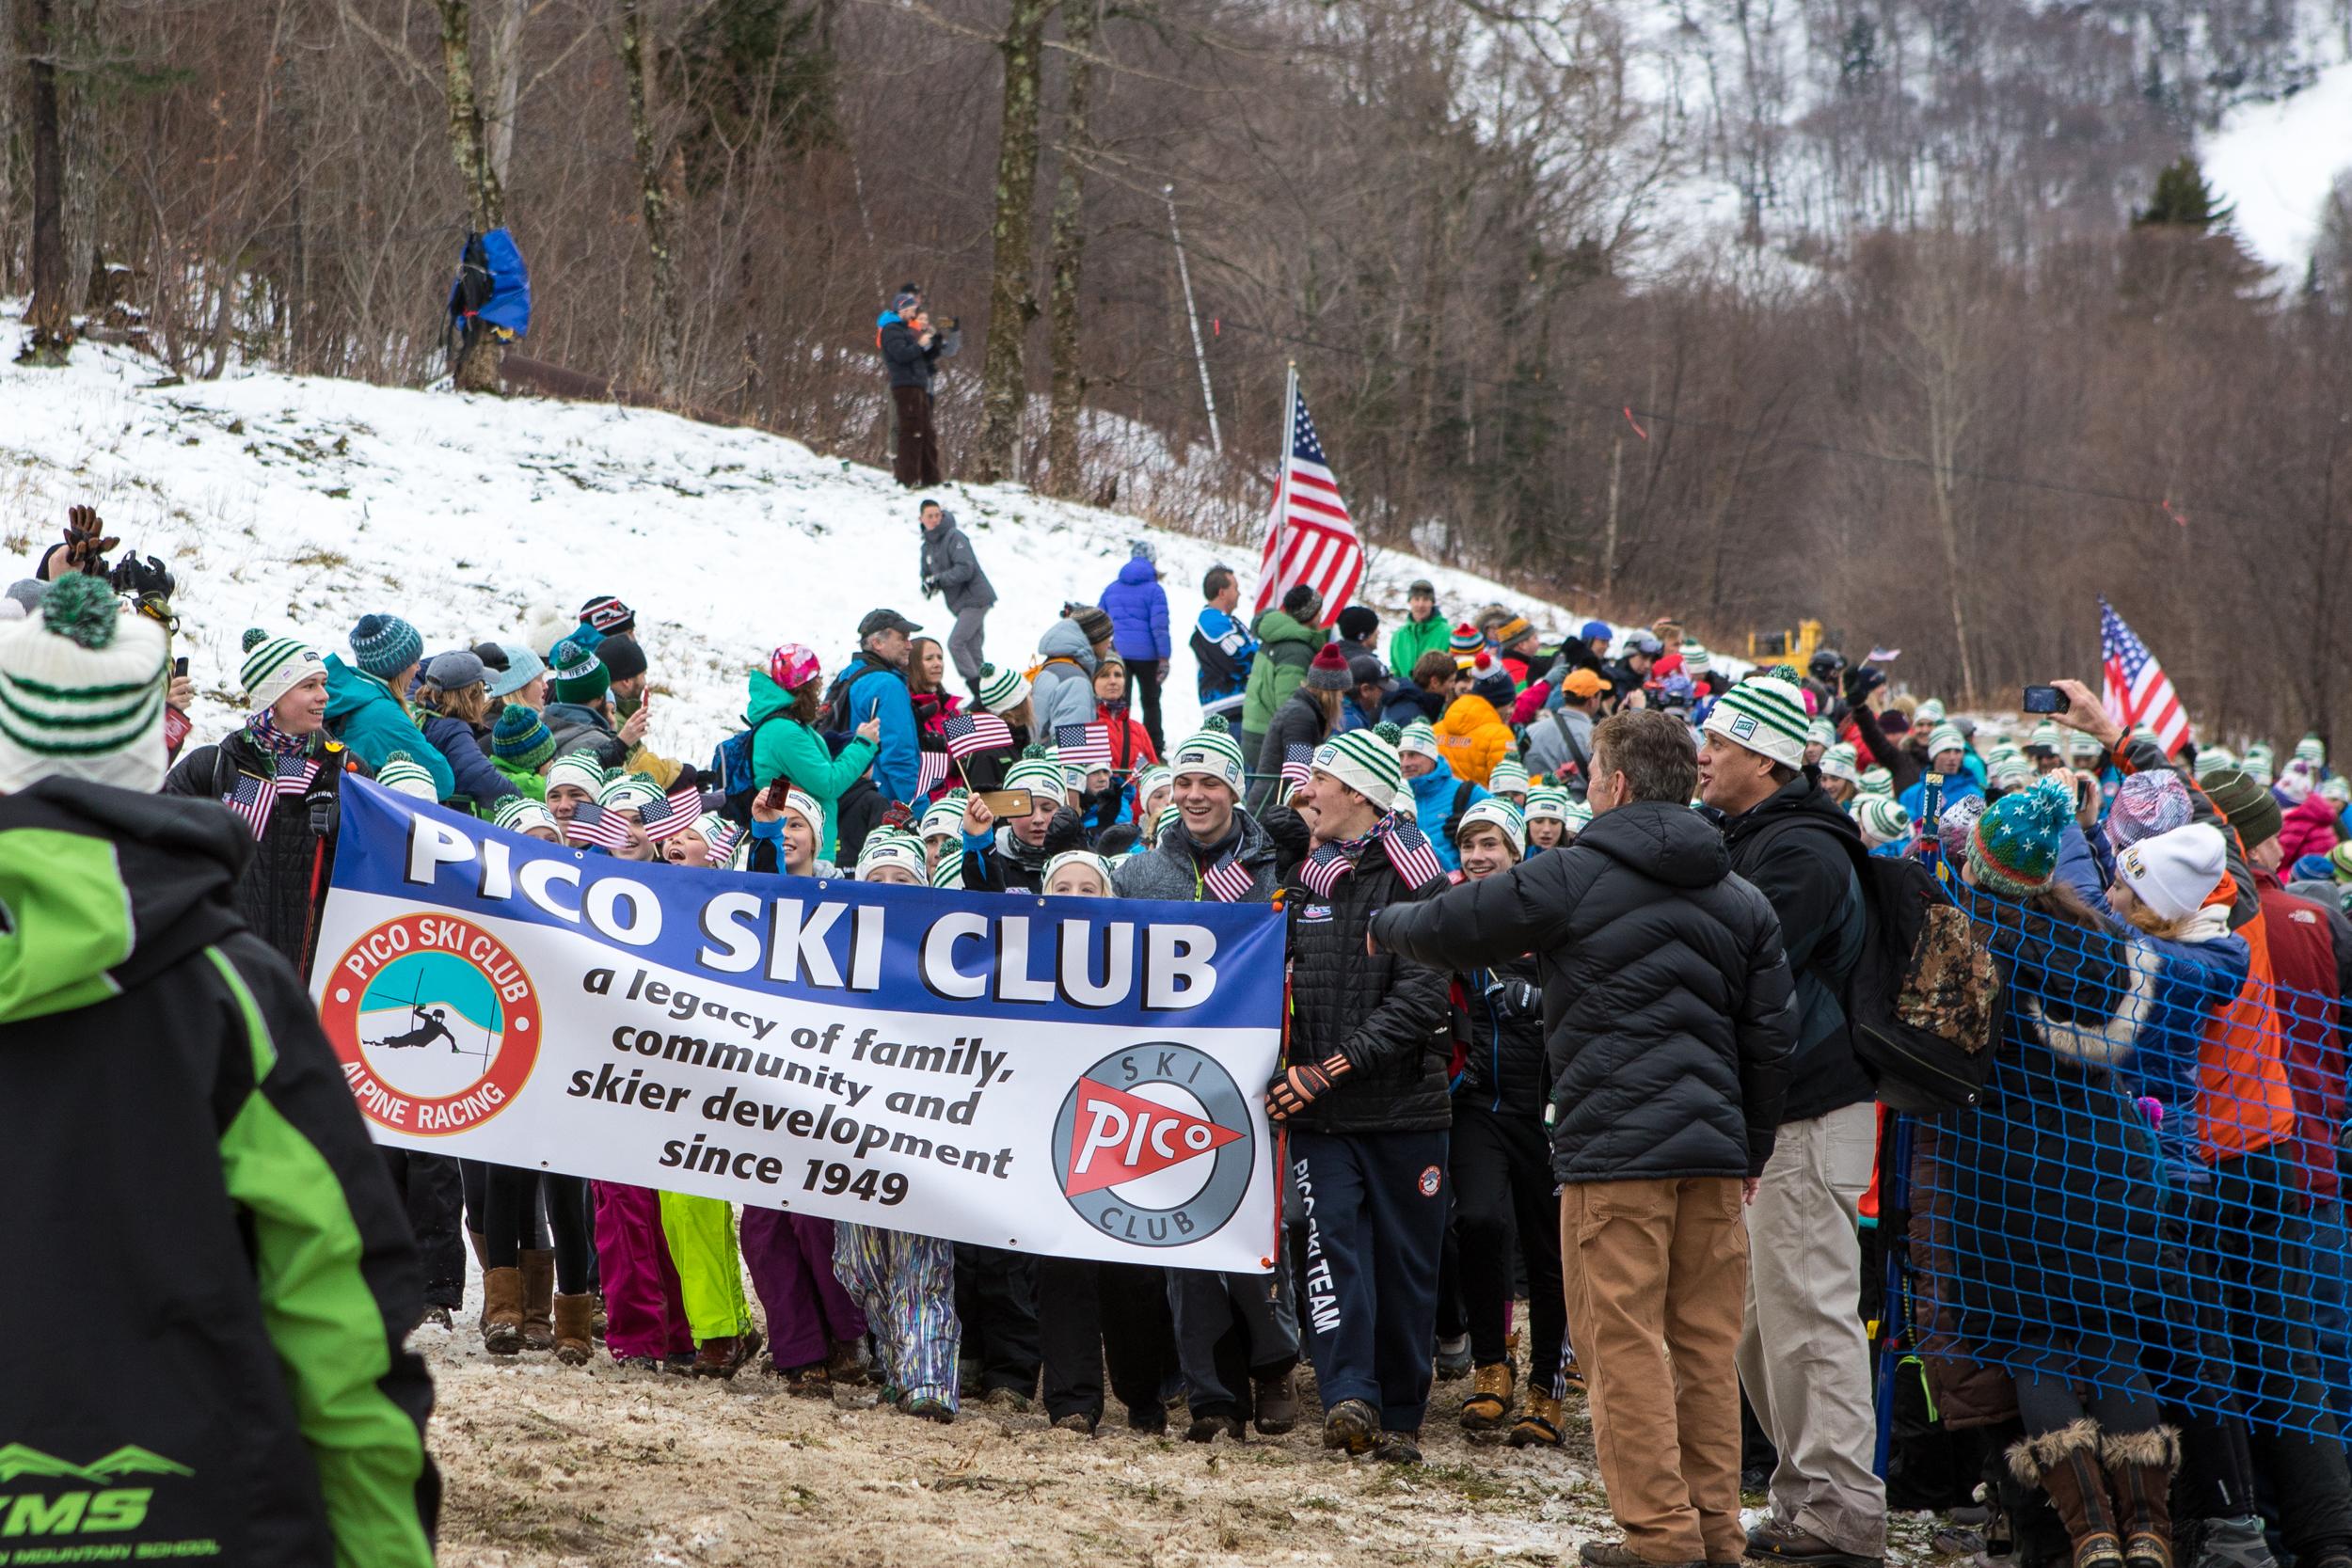 Pico Ski Club